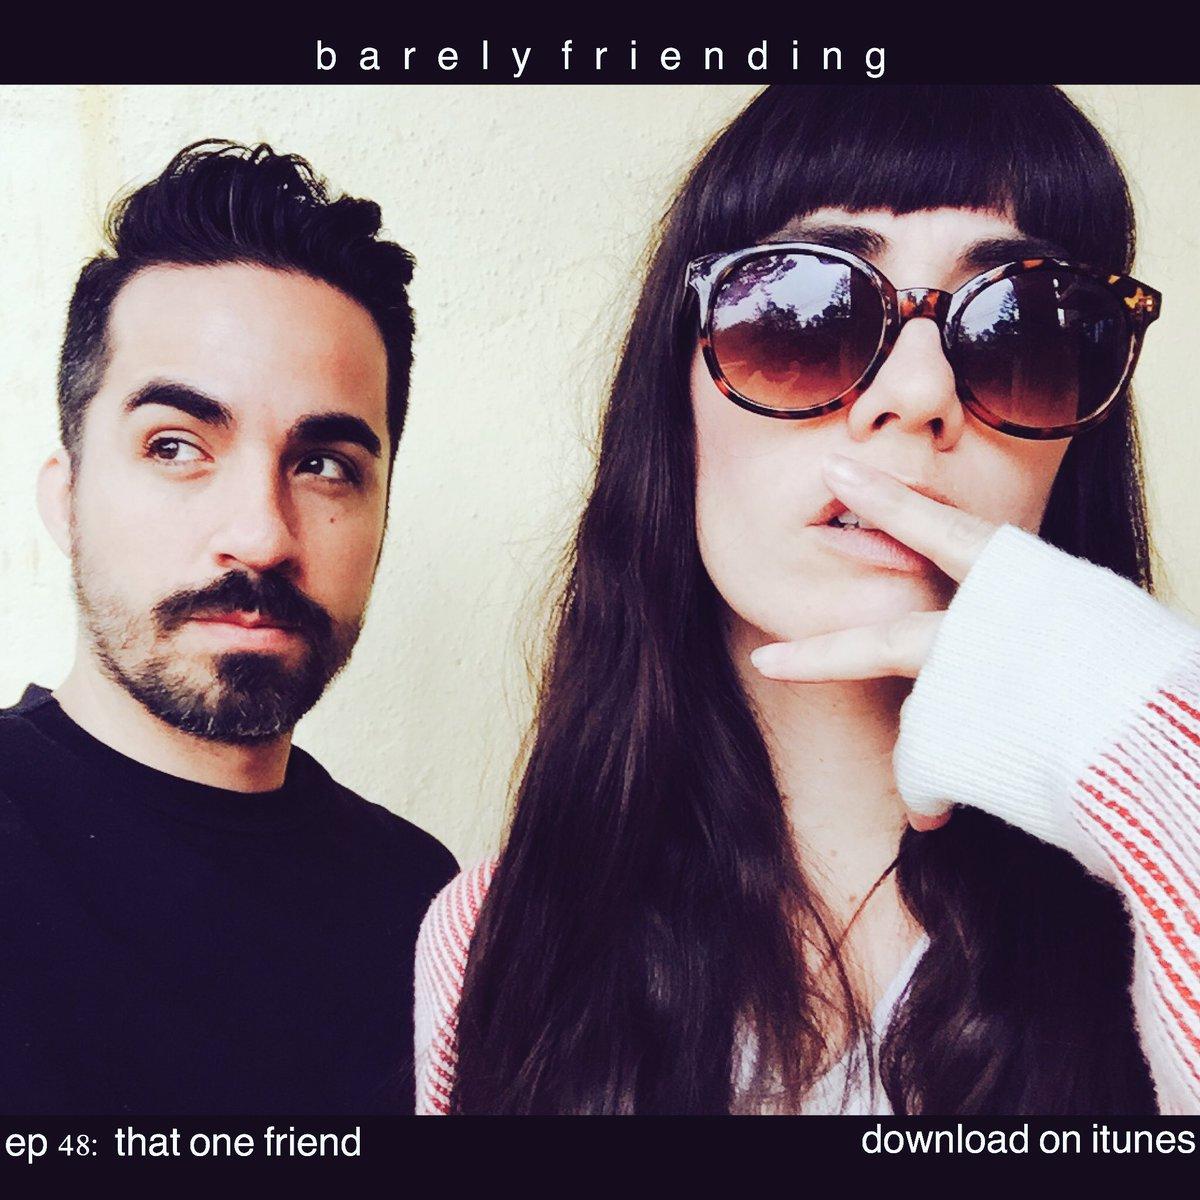 Barely friending